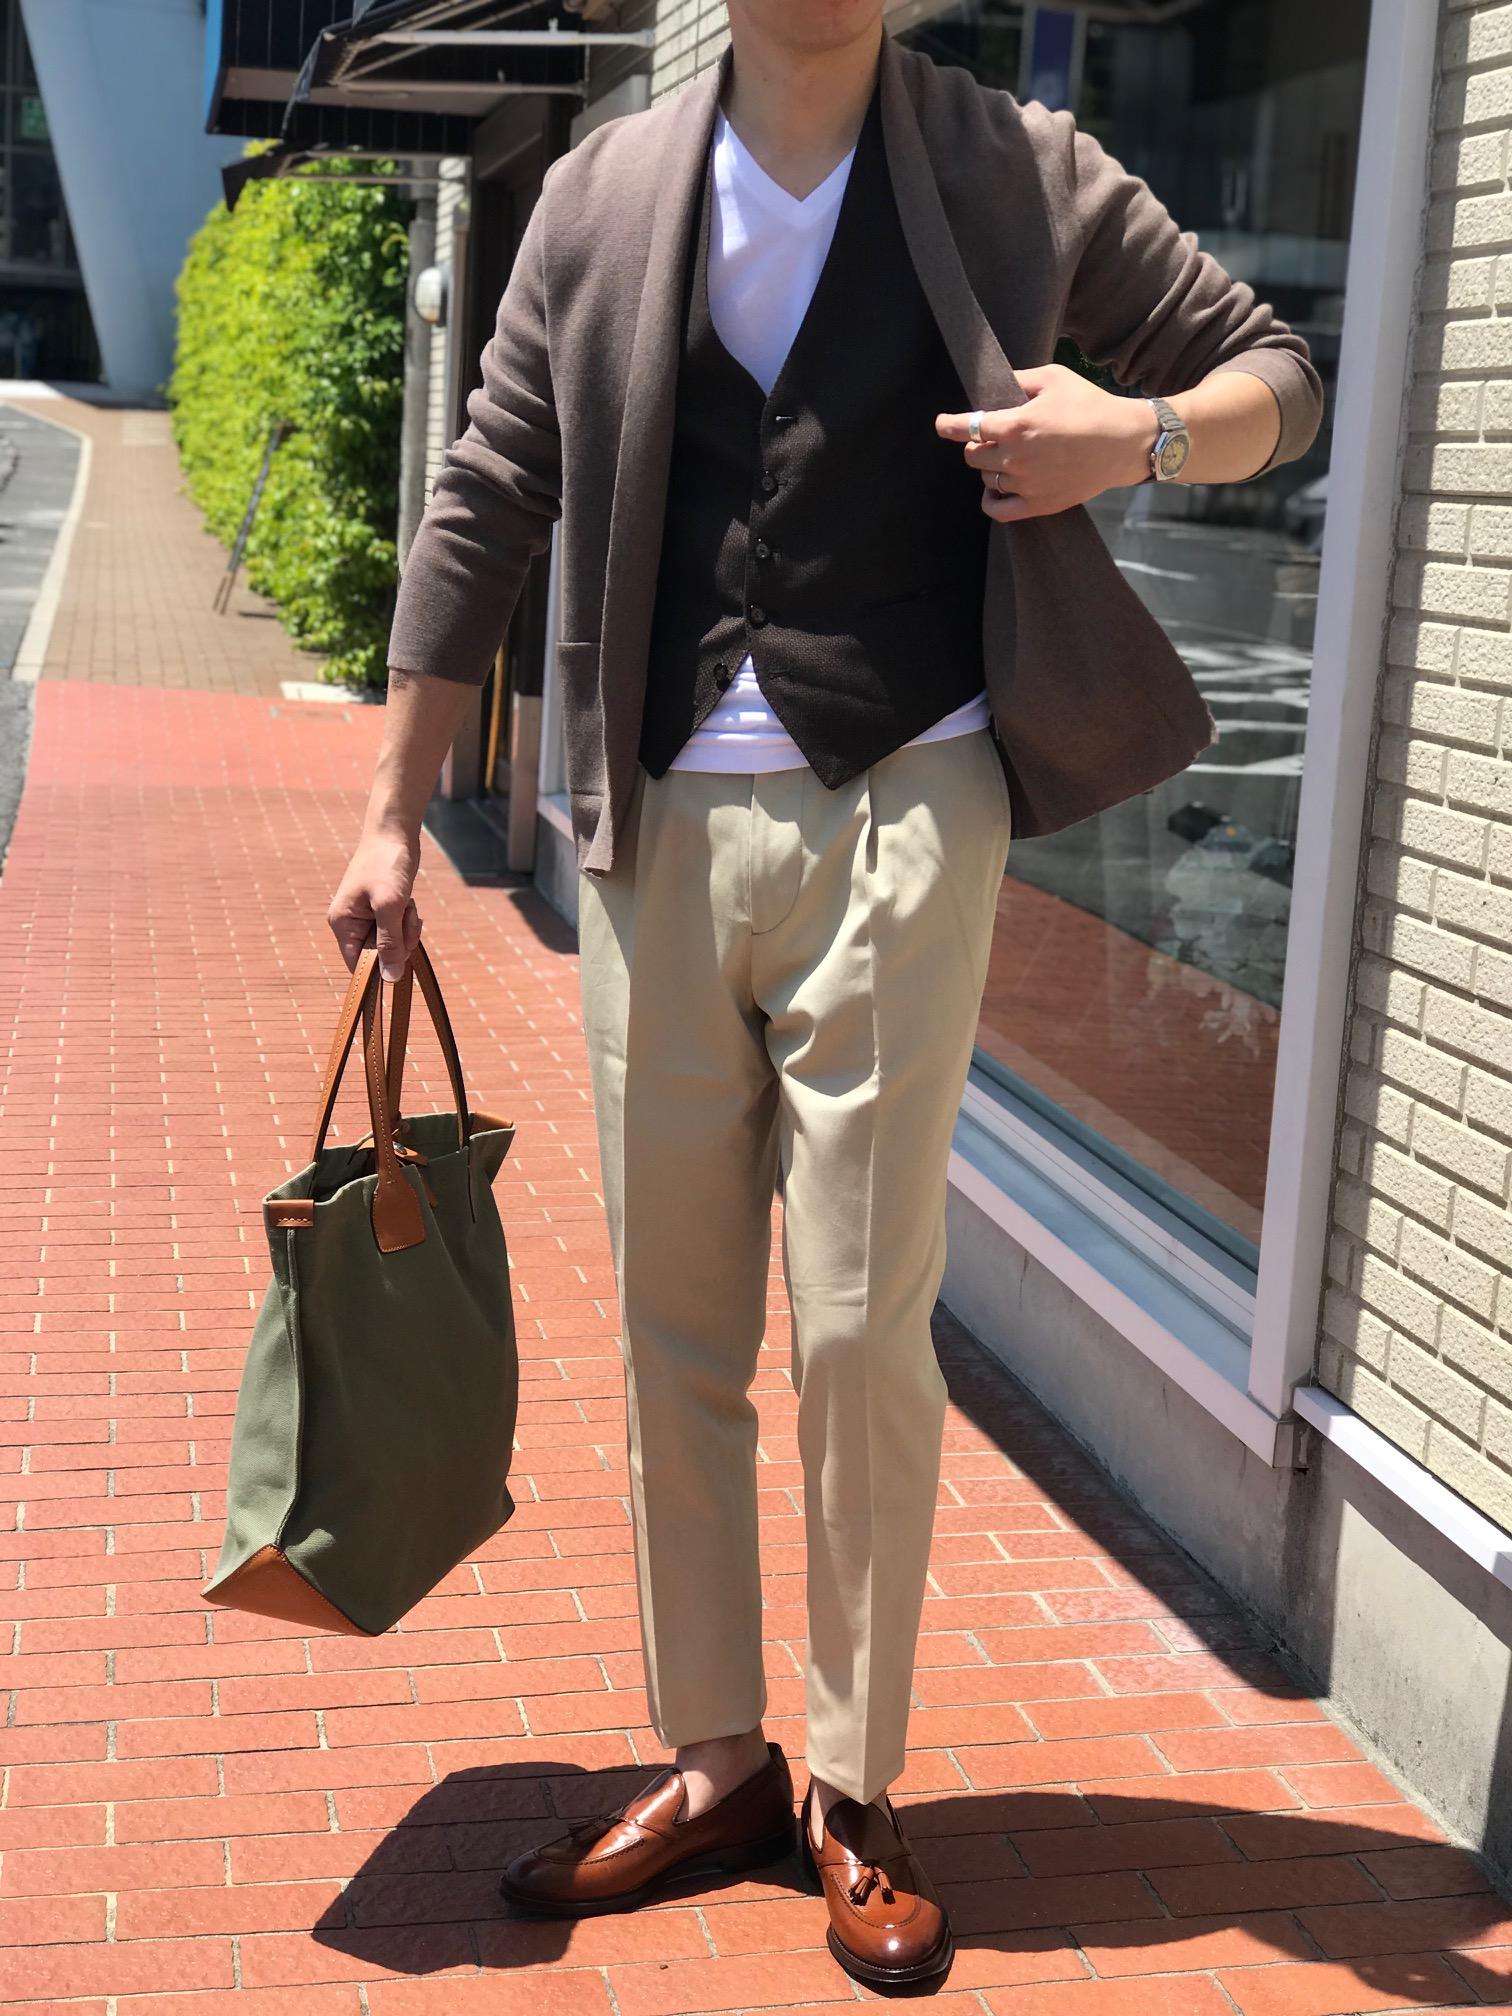 カーディガン以上ジャケット未満の便利な羽織りもの②! 【Gran Sasso】ミラノリブ編みボタンレスカーディガン!!